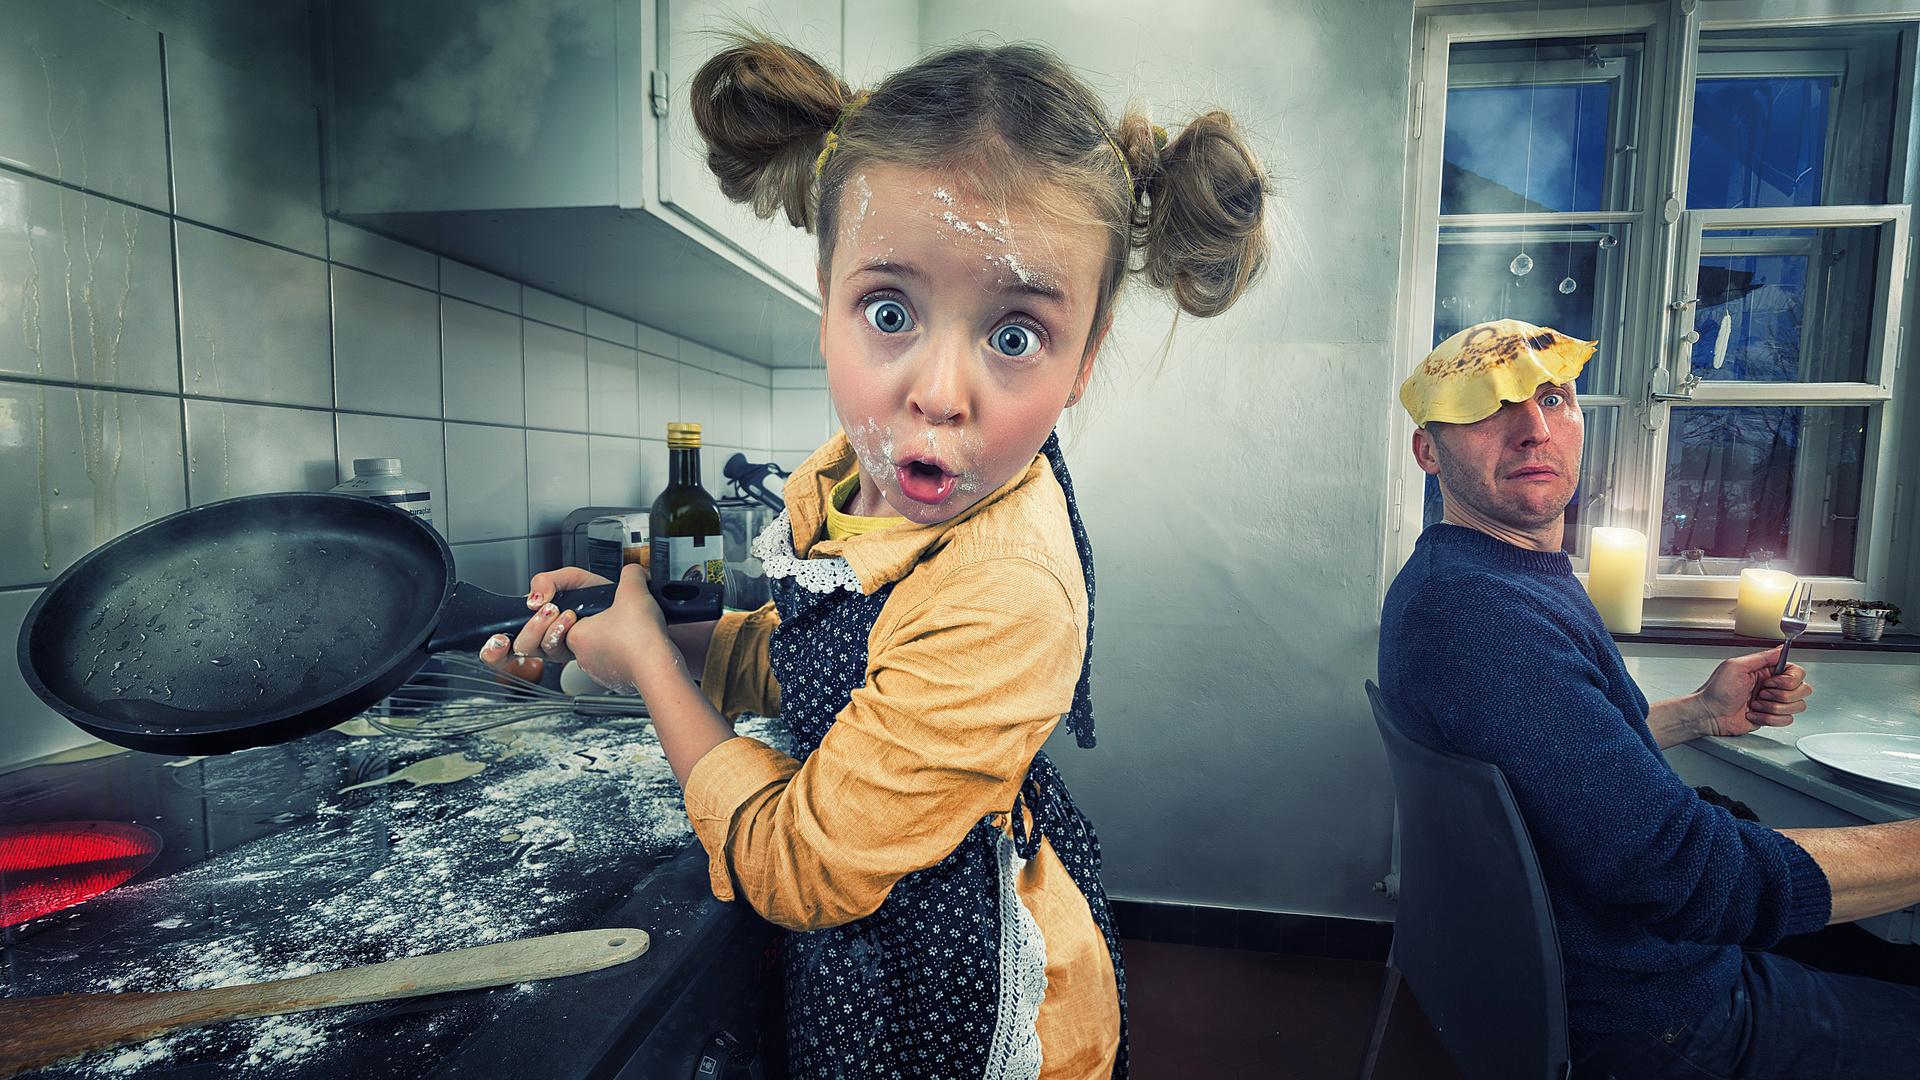 Семейная фотосессия в студии с детьми фото идеи это